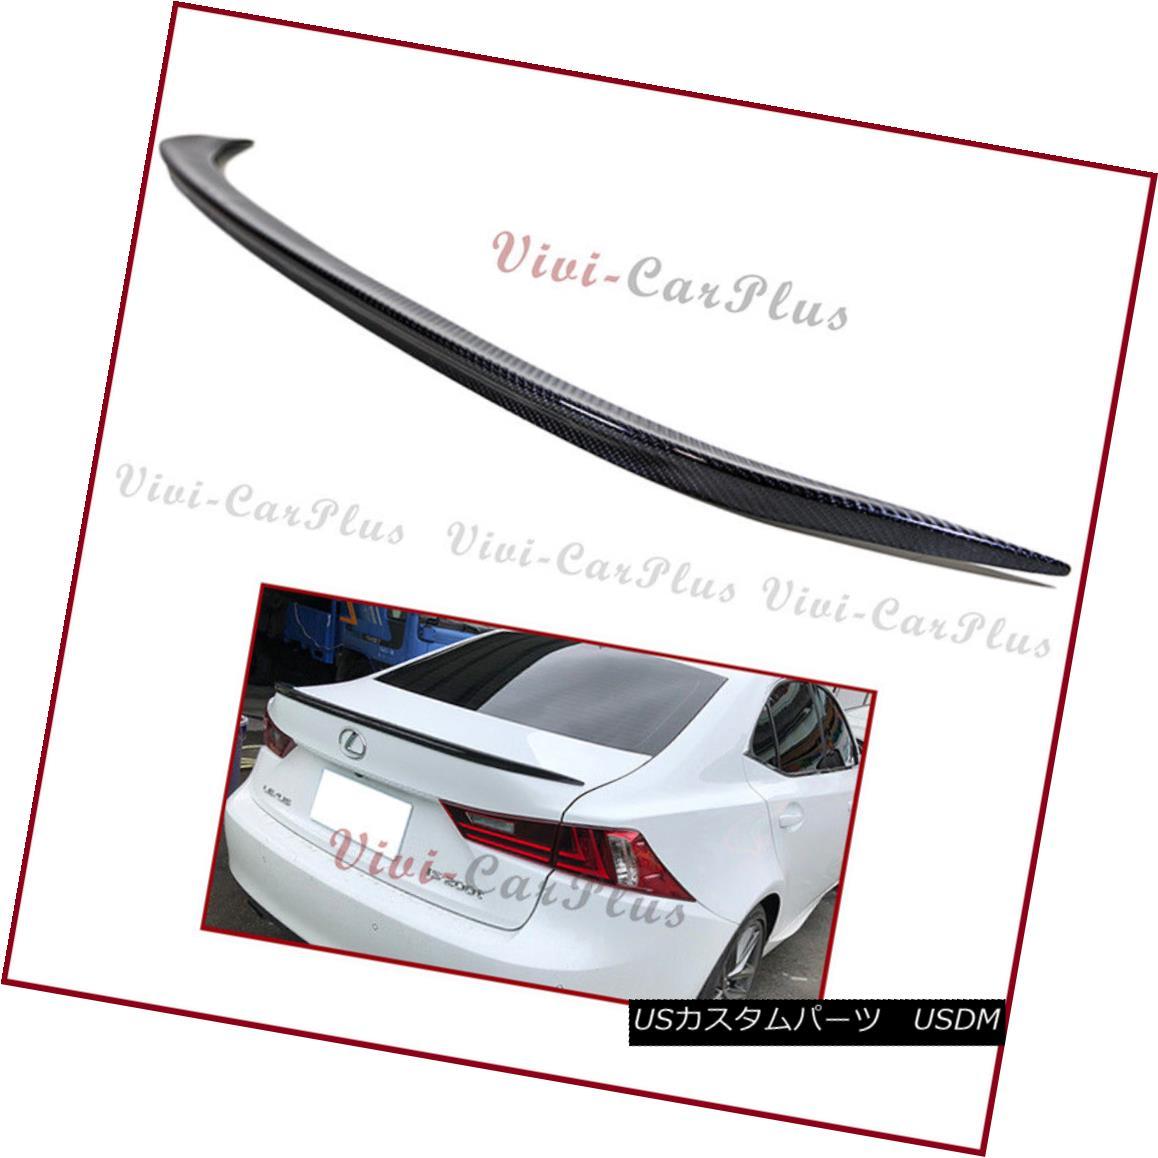 エアロパーツ Carbon Fiber 2014-16 LEXUS IS250 IS350 IS F Sporty Style Tail Trunk Spoiler Lip カーボンファイバー2014-16 LEXUS IS250 IS350 IS Fスポーティスタイルテールトランクスポイラーリップ